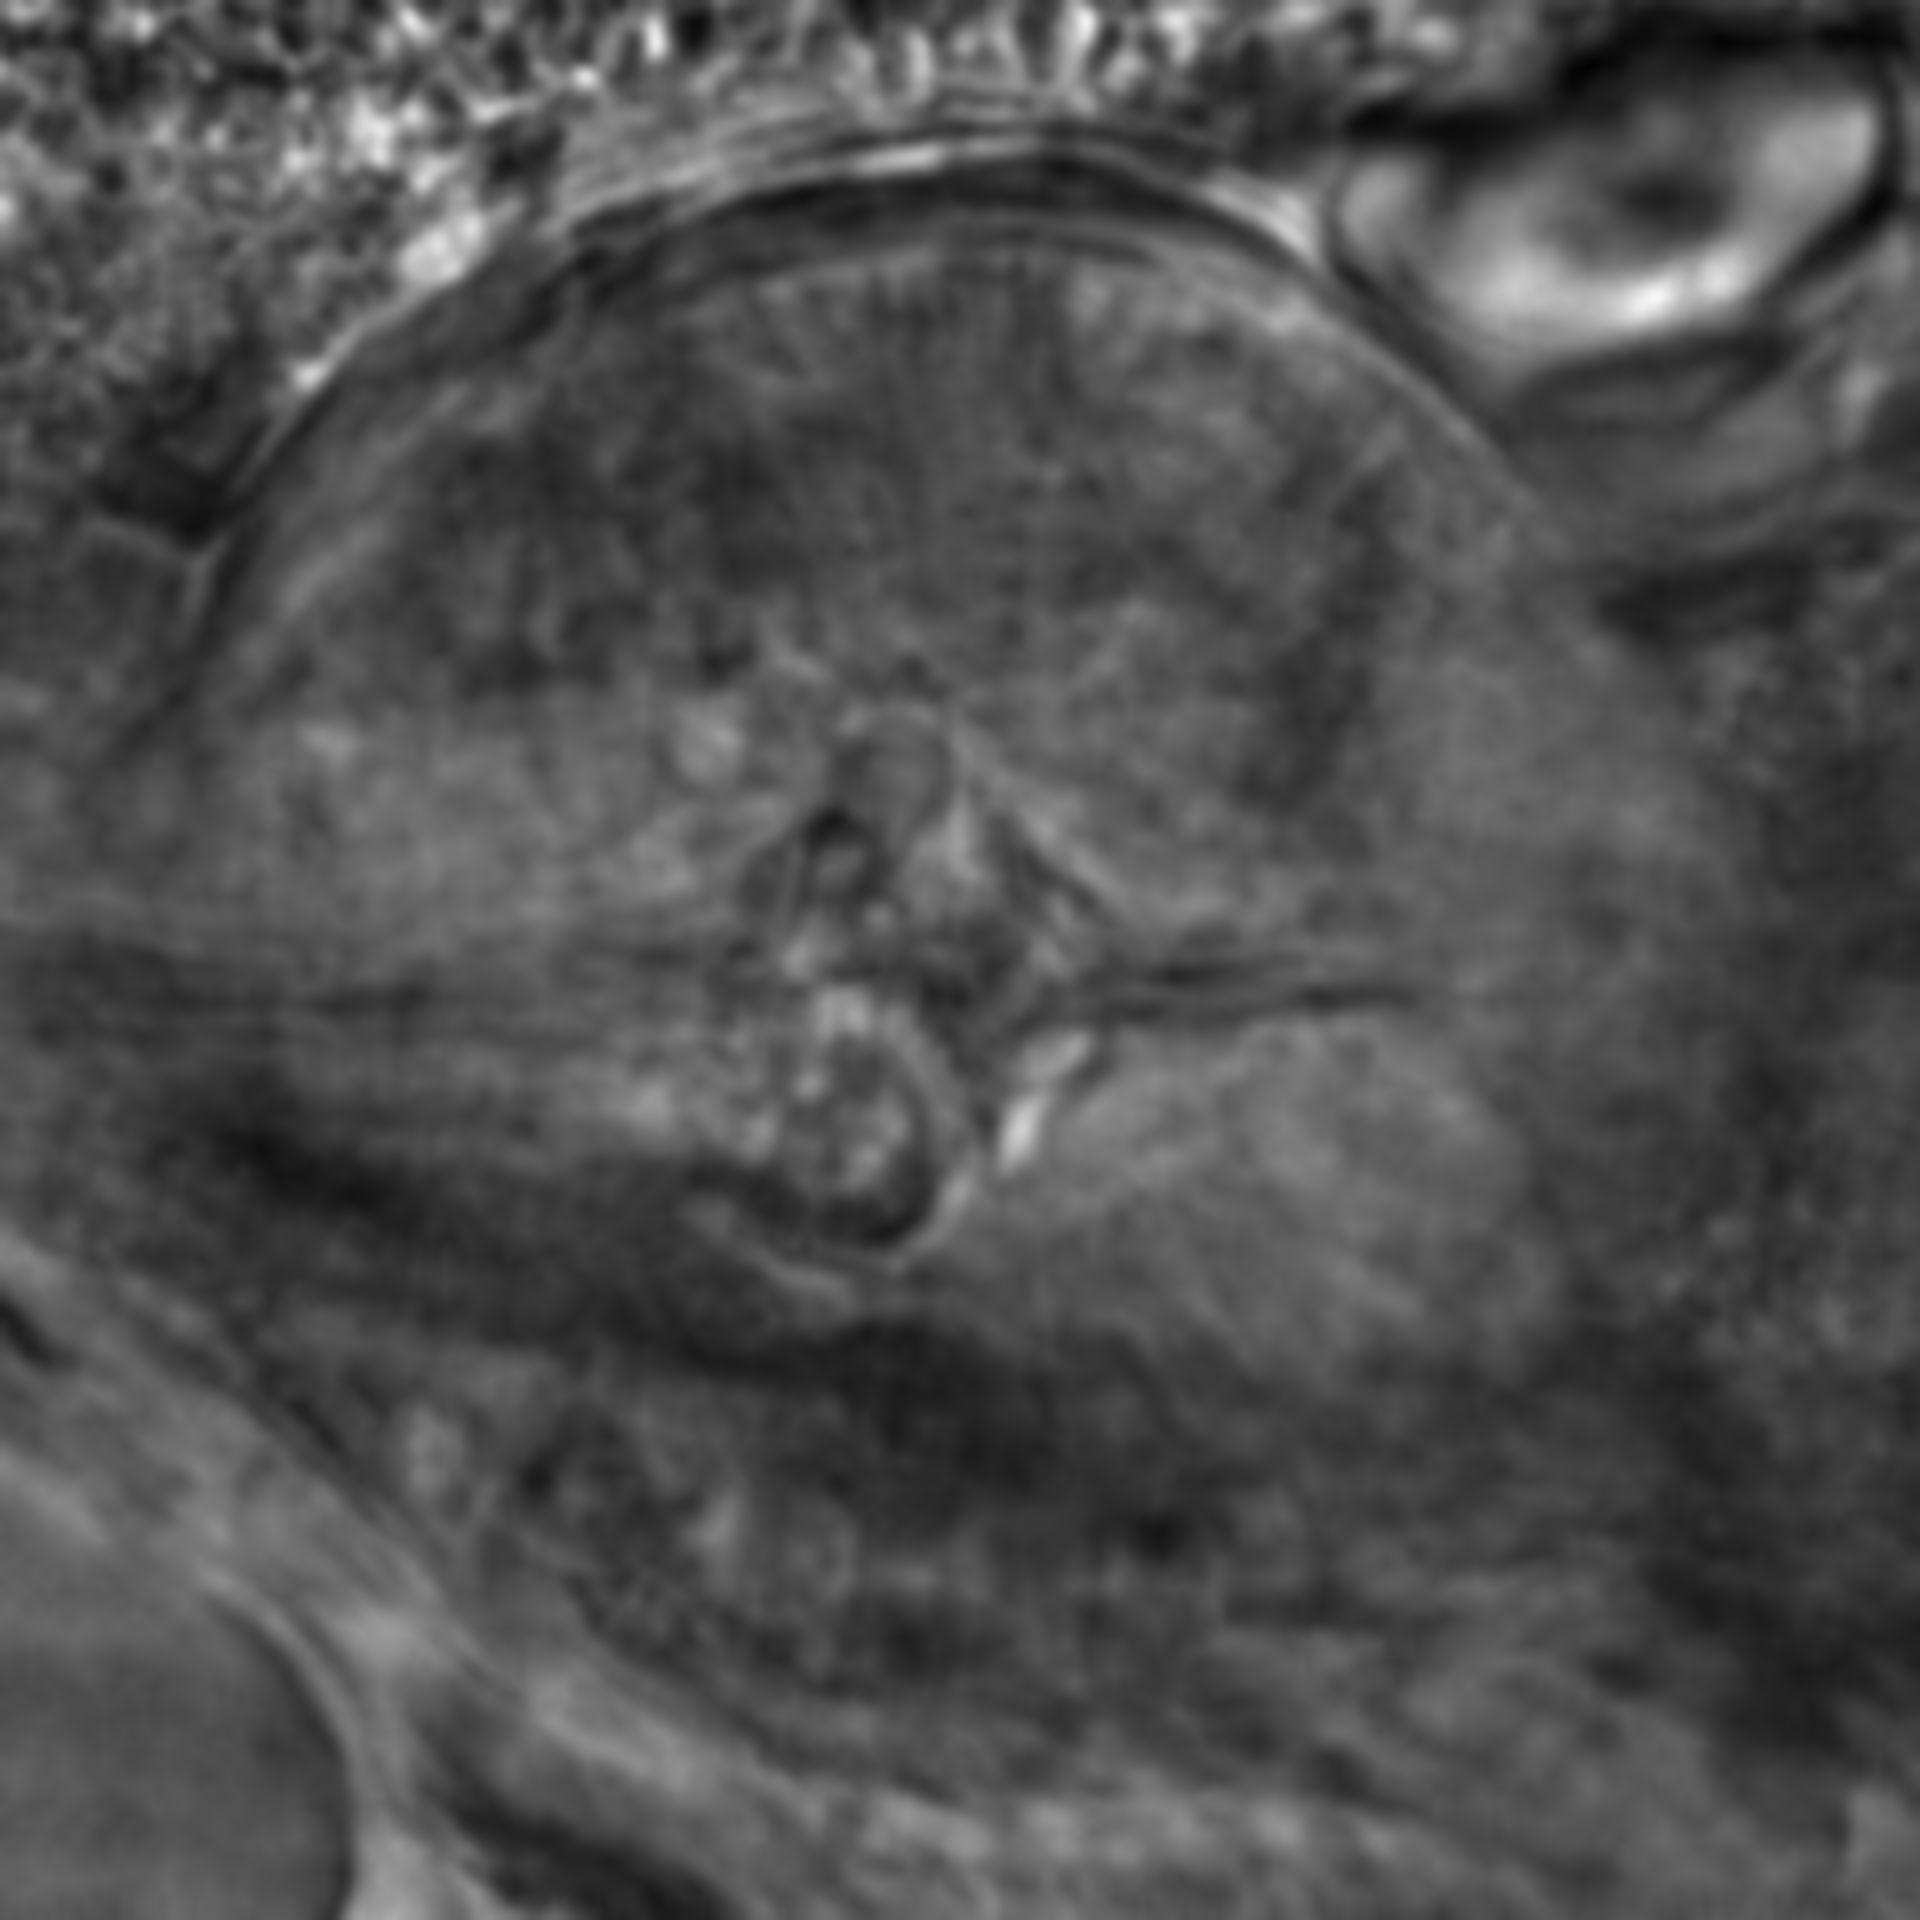 Caenorhabditis elegans - CIL:2274